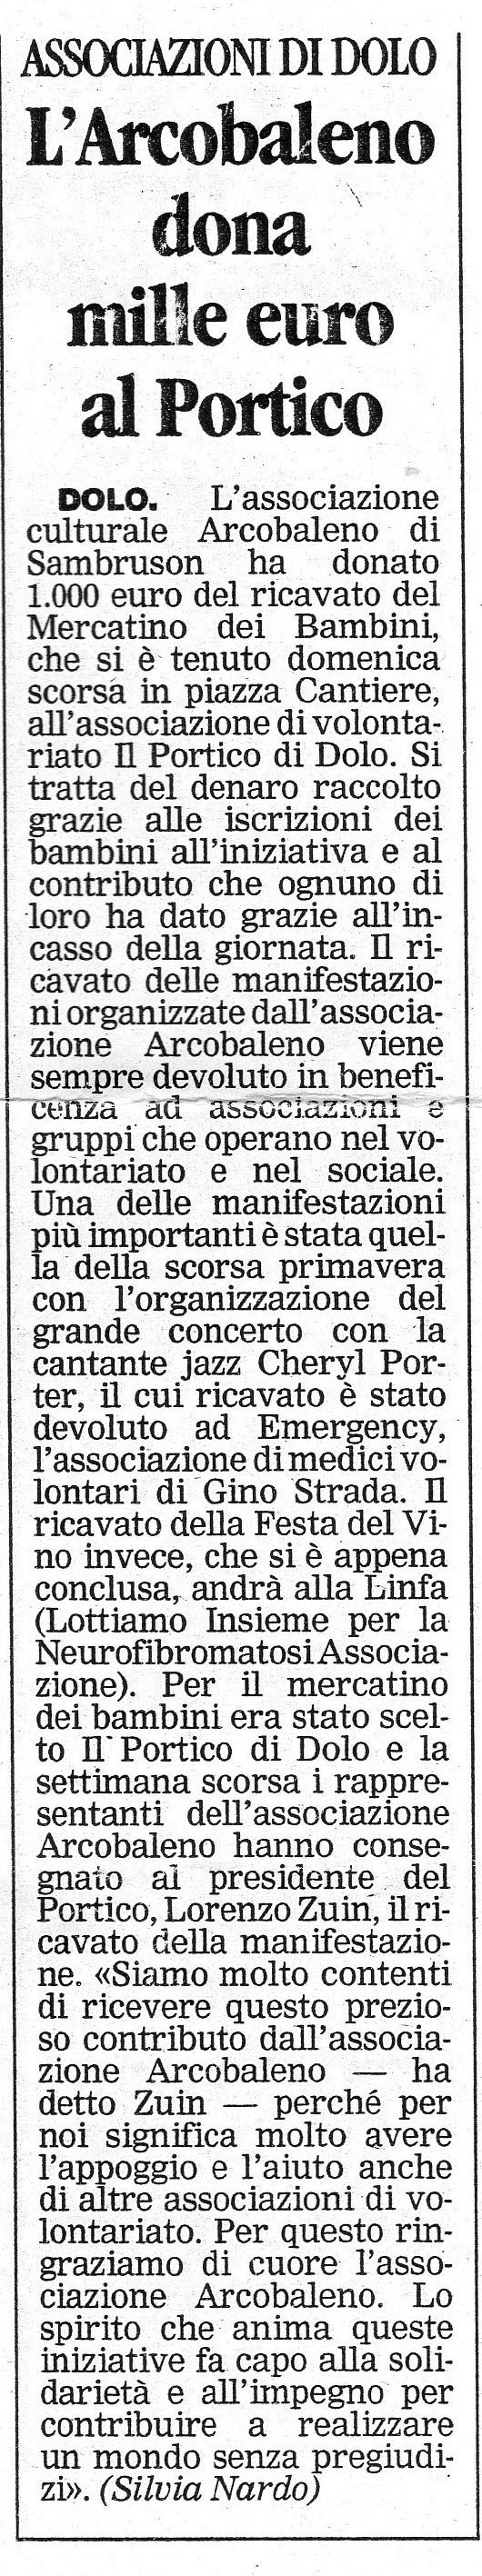 2002.10.30 Il Mattino (p. 32)